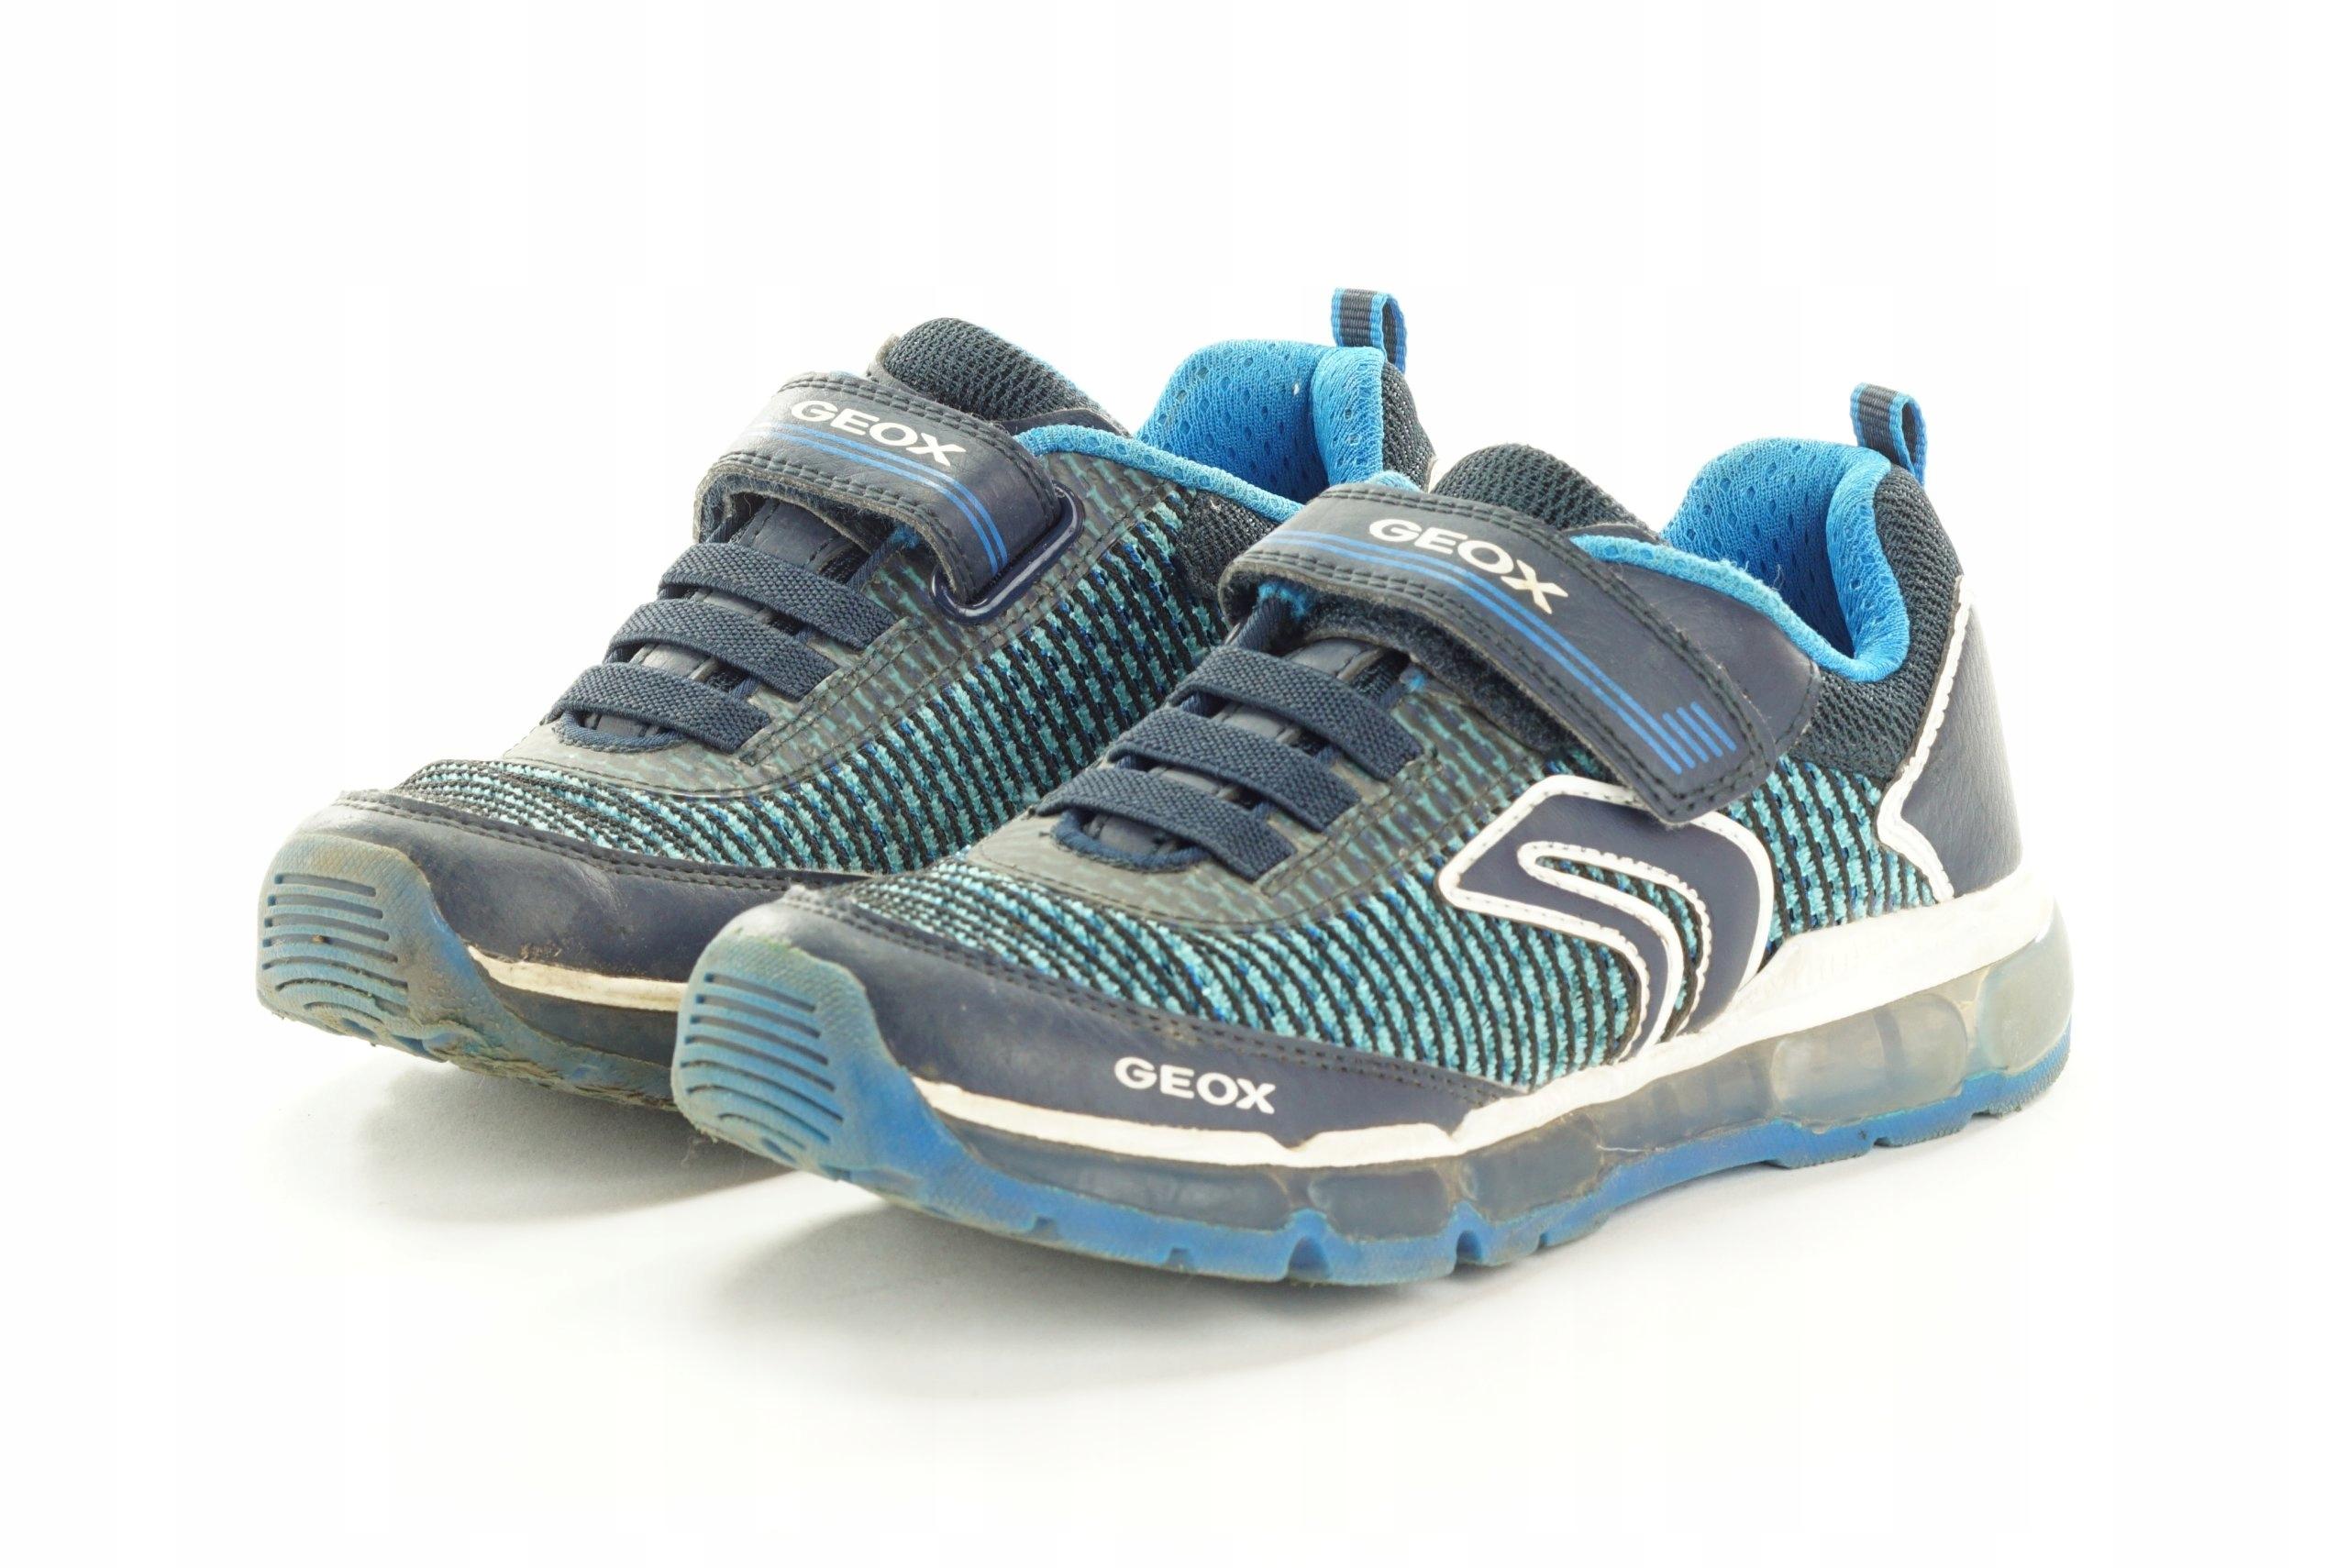 b9cbba25 GEOX świecące buty dziecięce R. 30 Y9 27 - 7615408709 - oficjalne ...